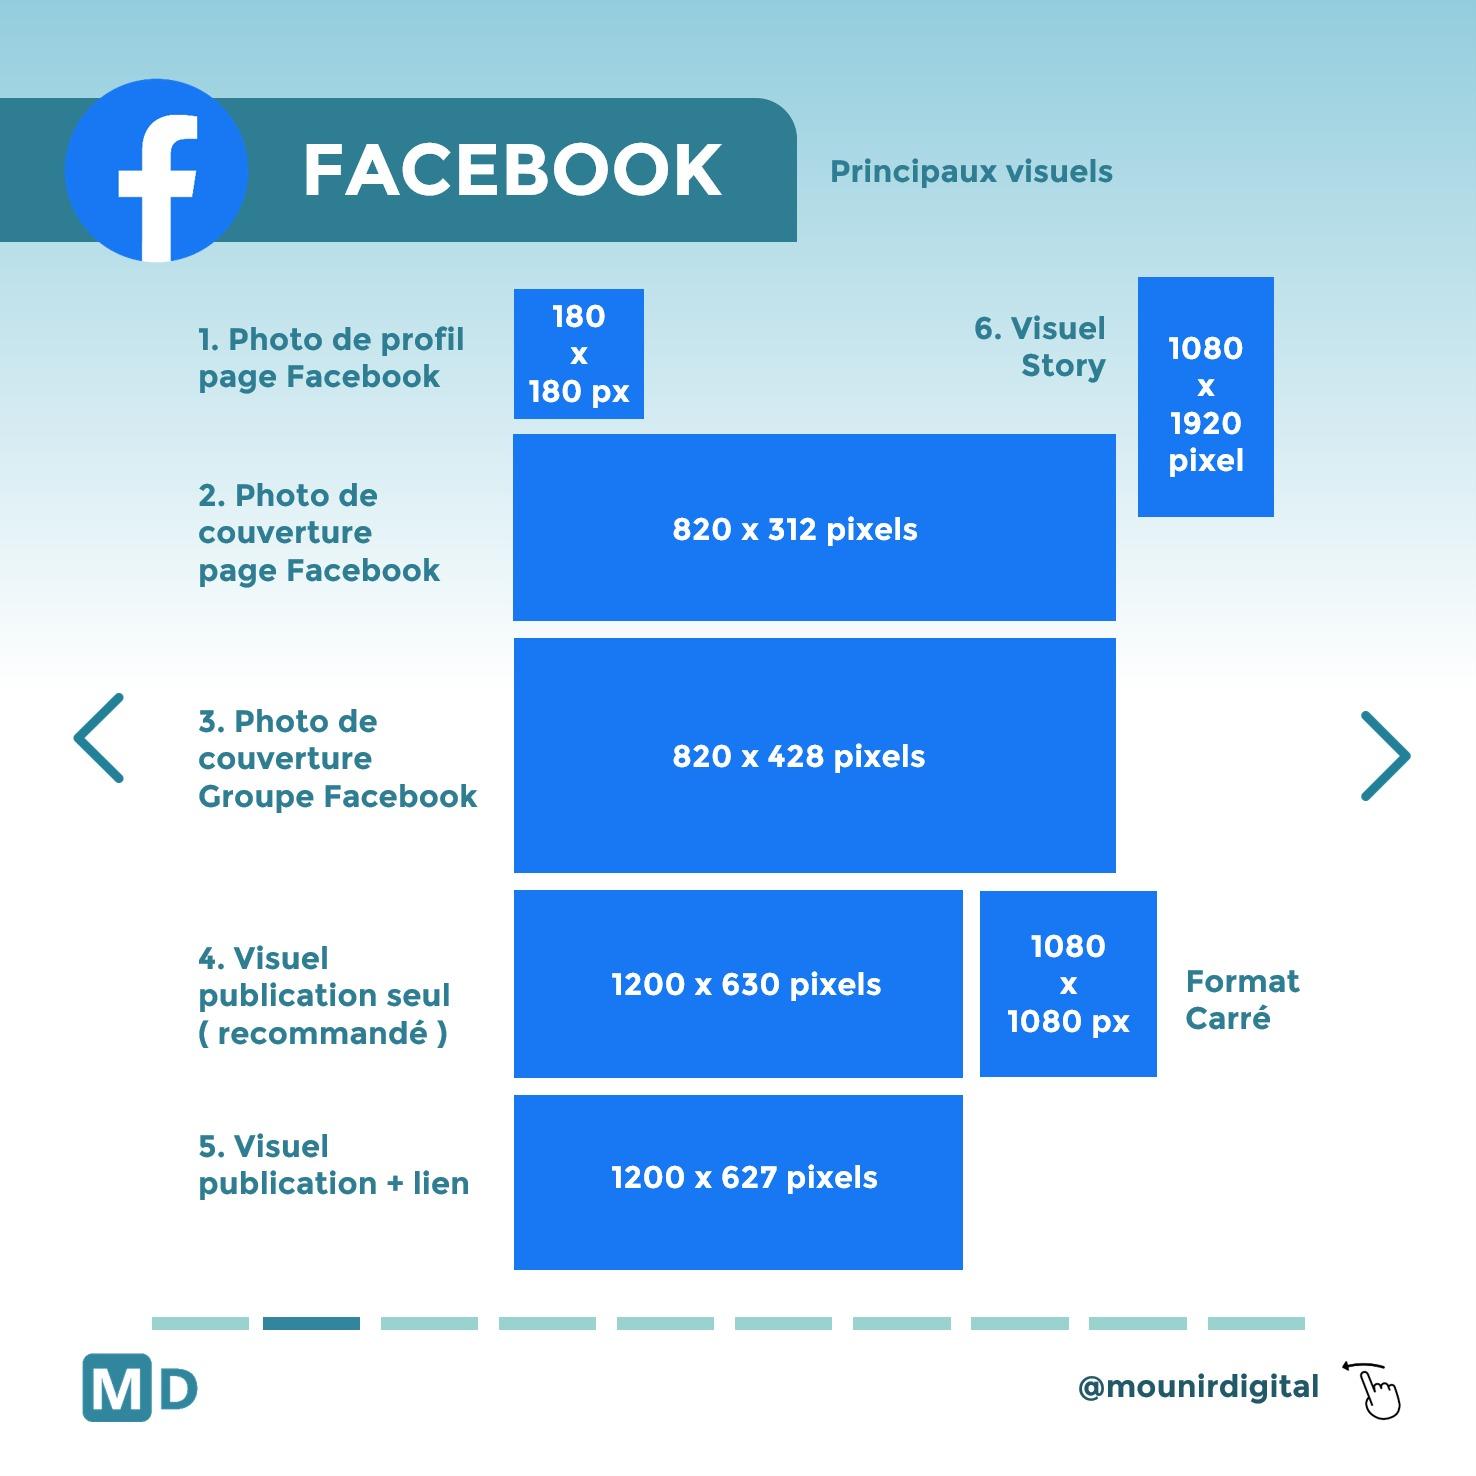 Taille visuel facebook - quelles tailles pour les visuels des réseaux sociaux - Mounir Digital